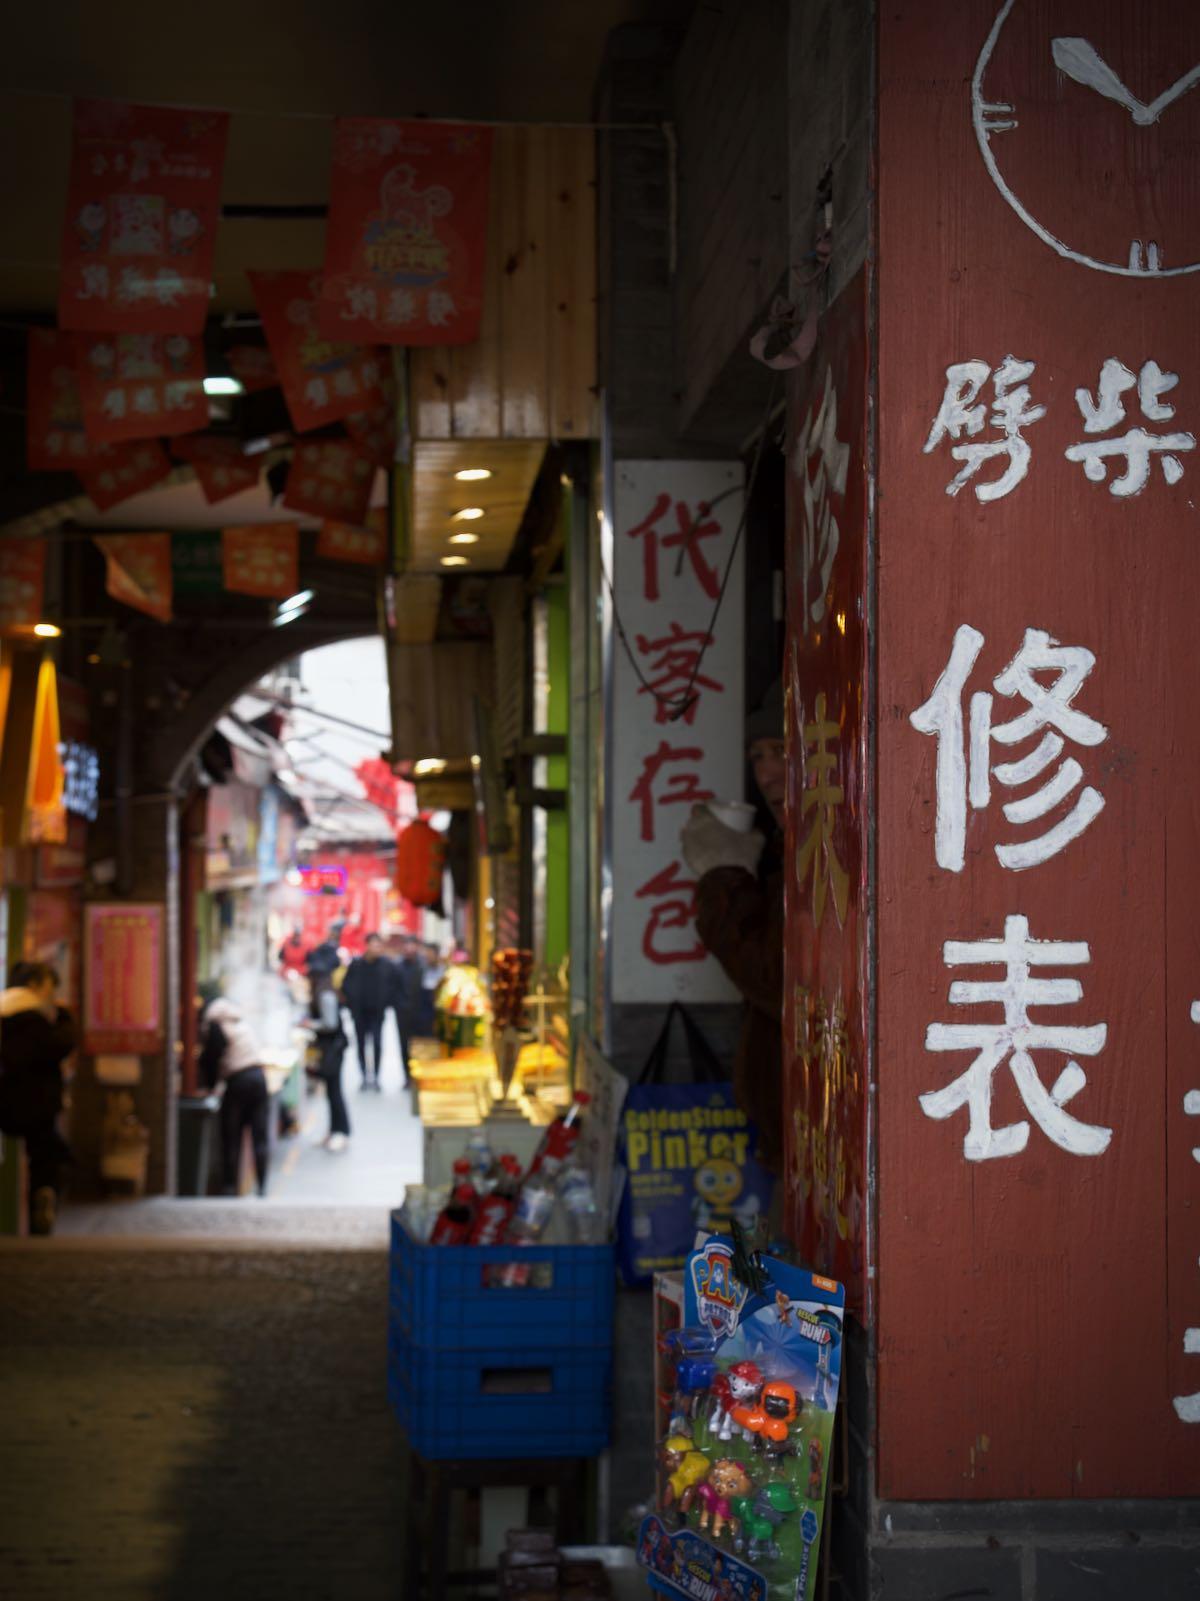 青島地元民おすすめの露店街 その入り口 DMC-GX8 + LEICA DG 12-60mm